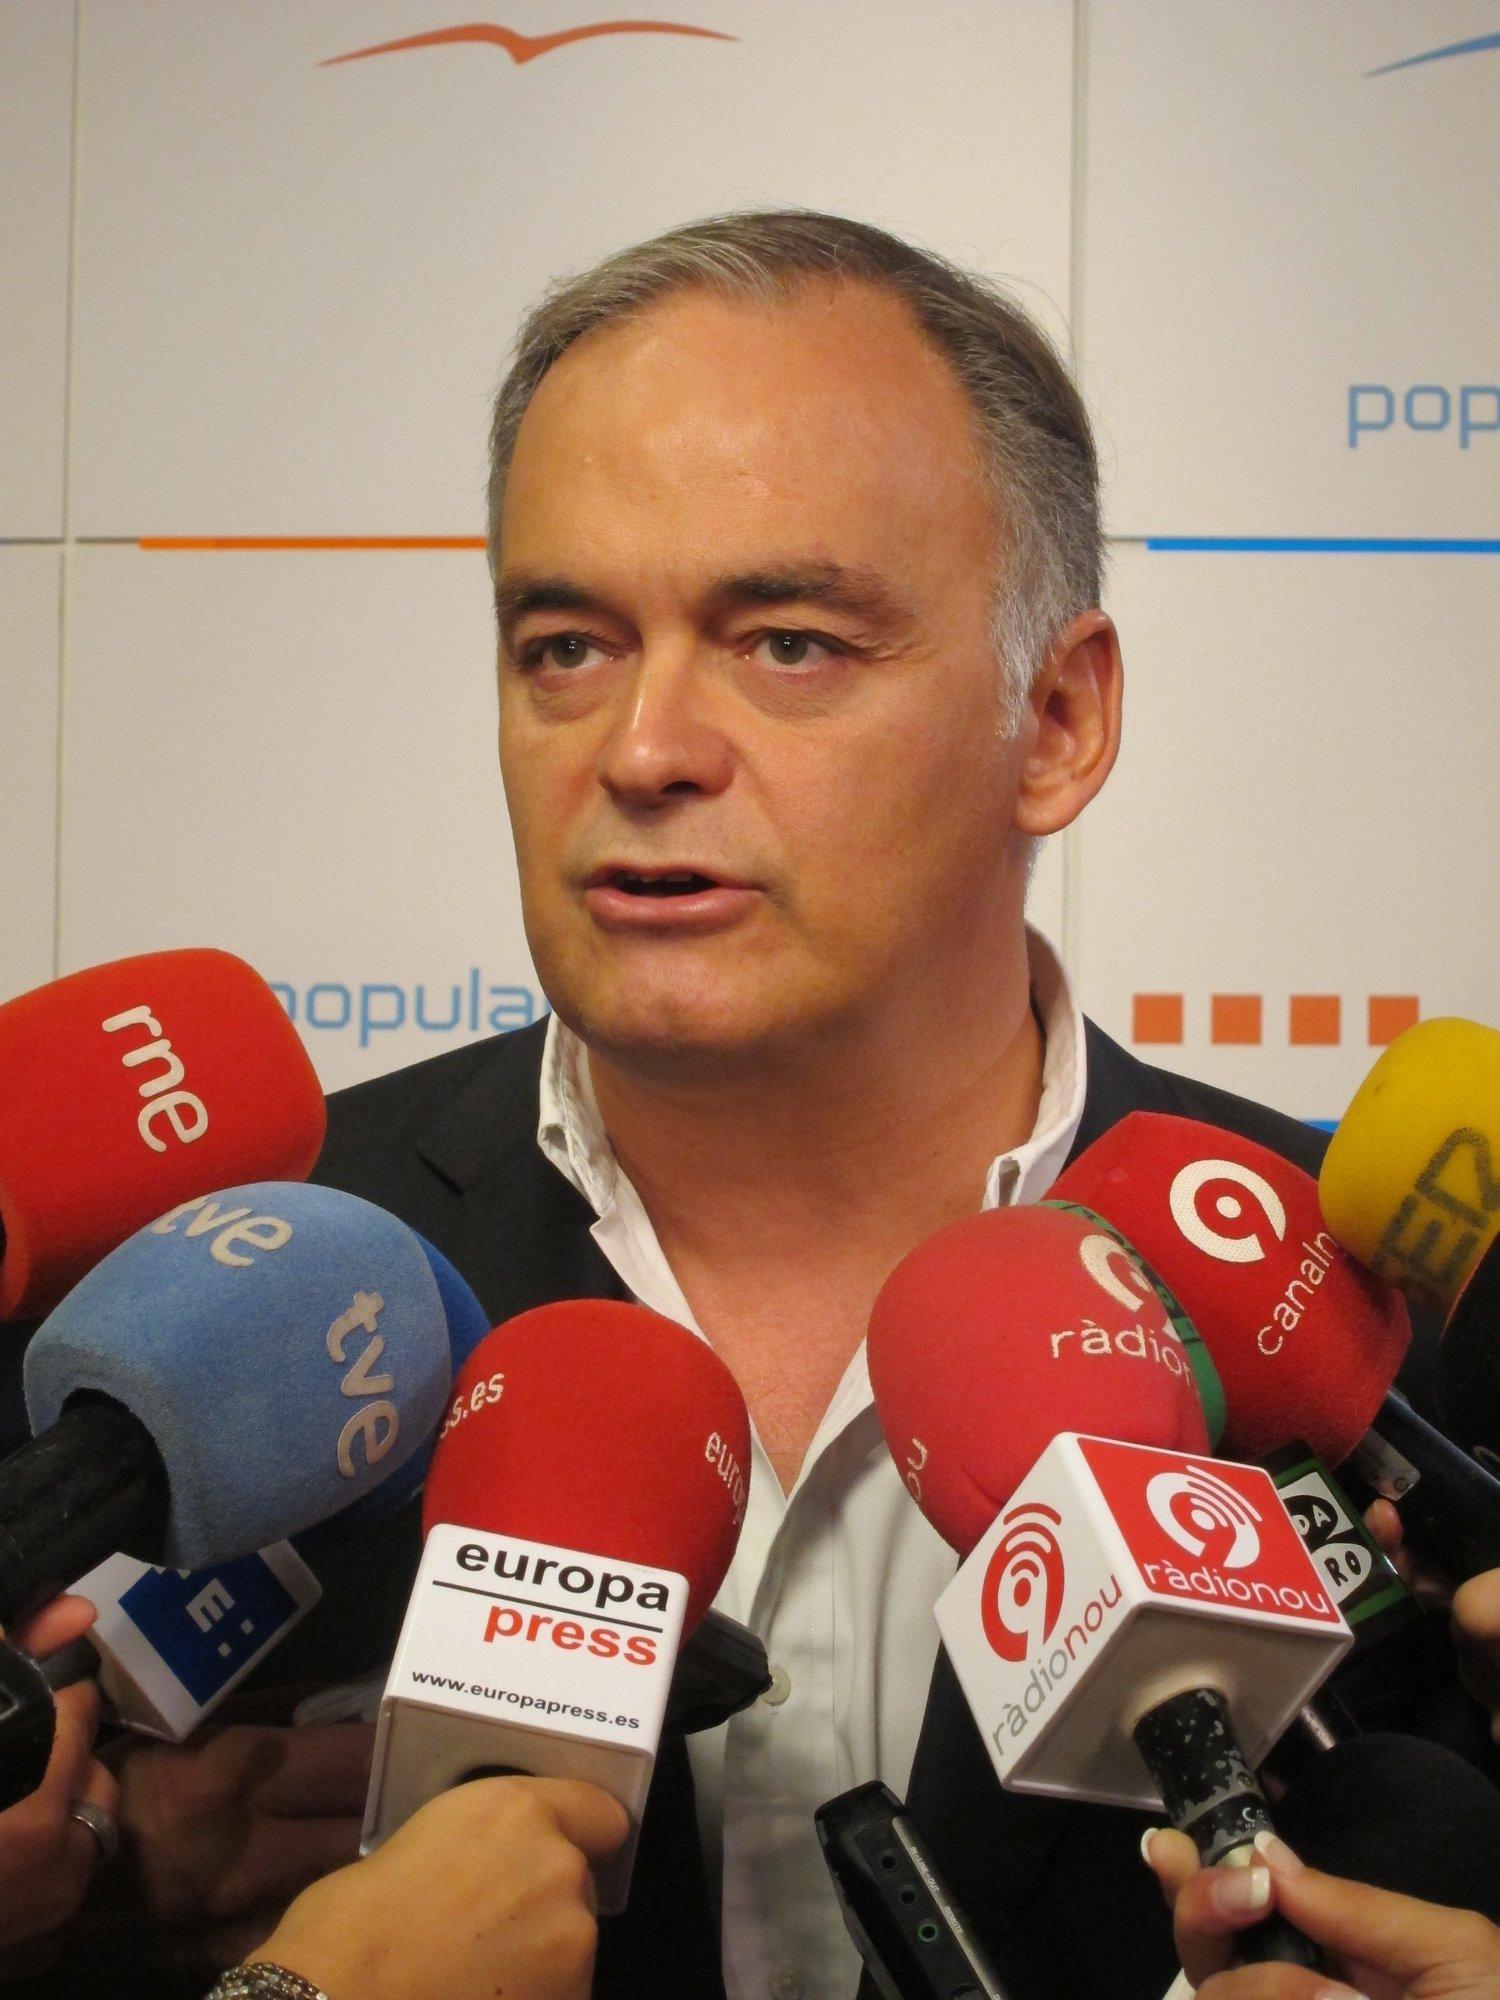 González Pons, sastisfecho porque hace lo que hacía pero con una responsabilidad «nueva» y «más importante»